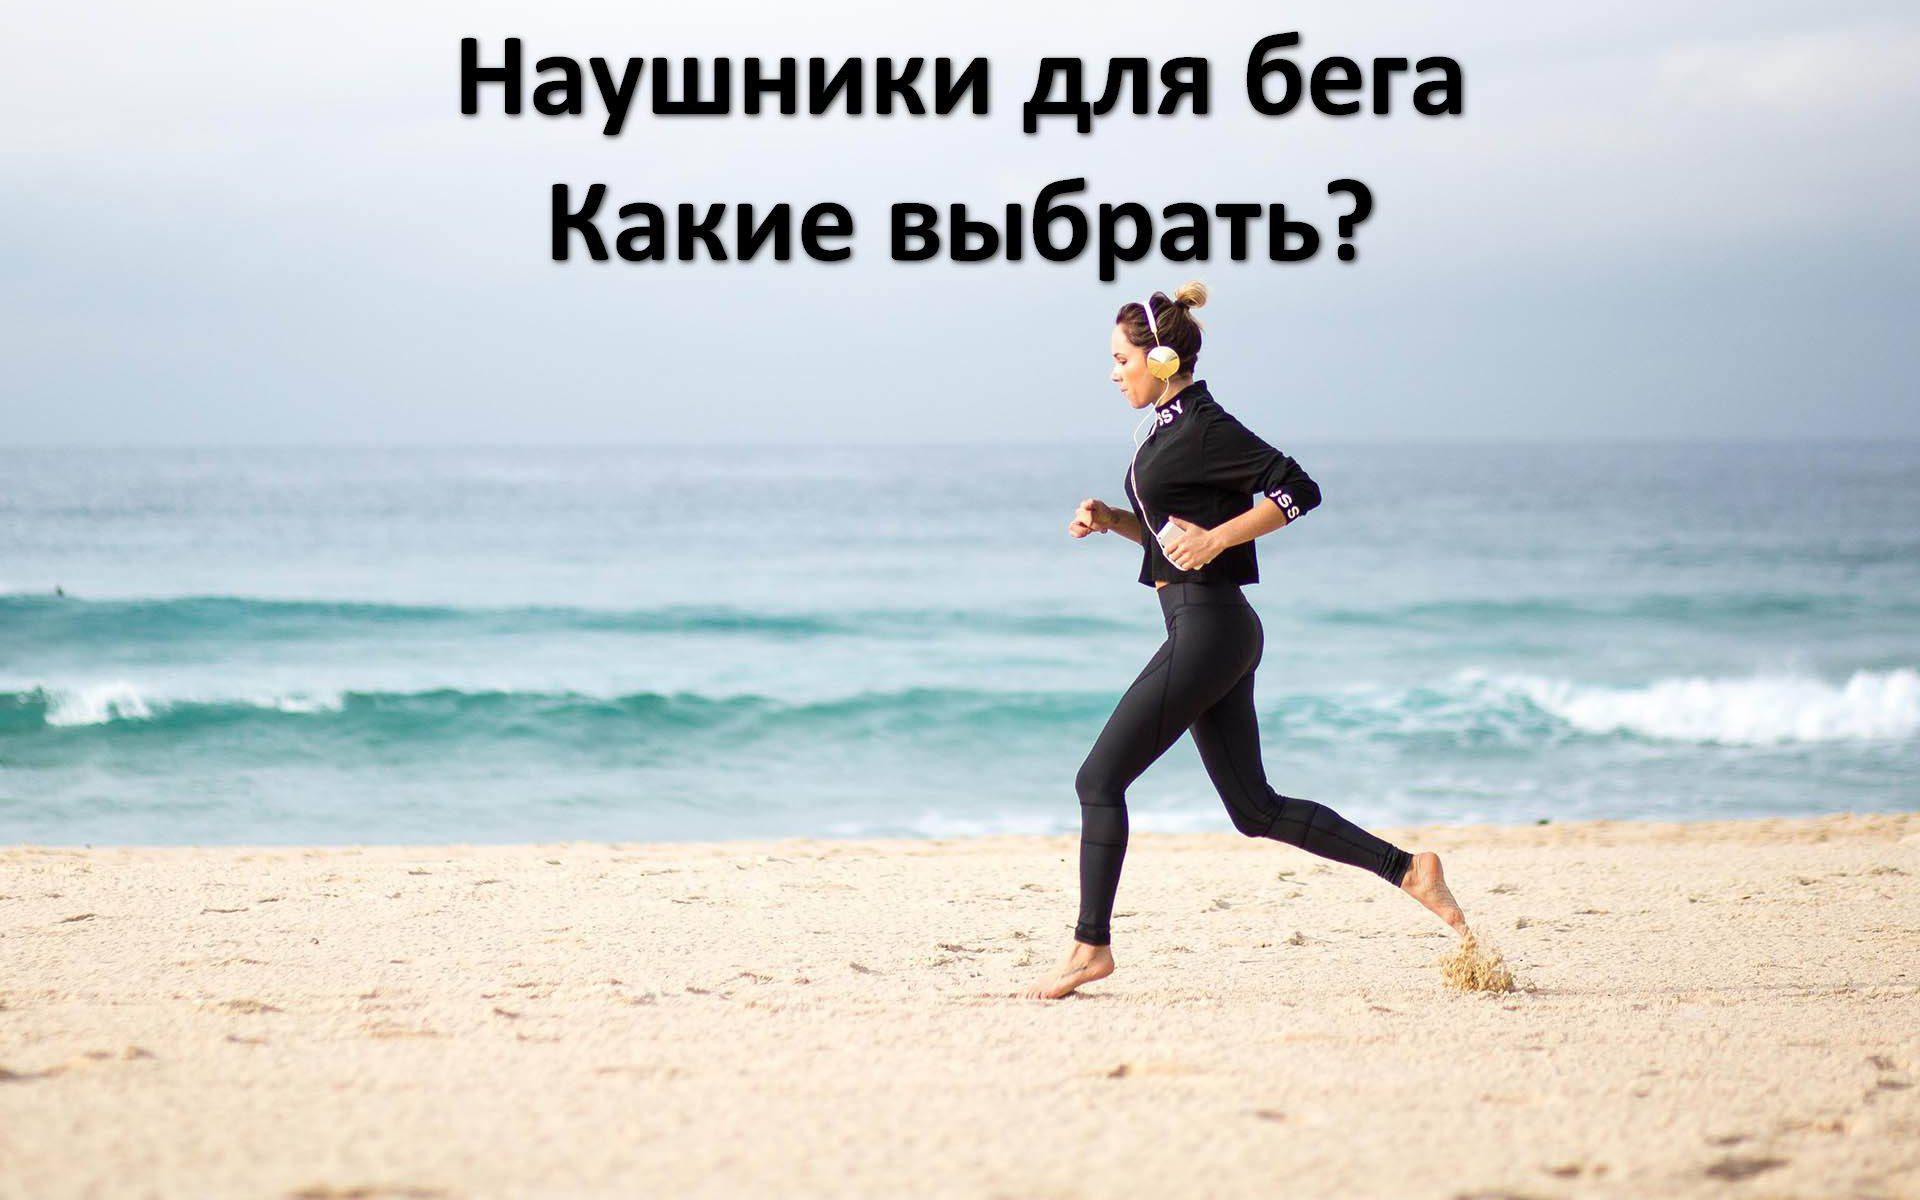 Наушники для бега. Какие выбрать?